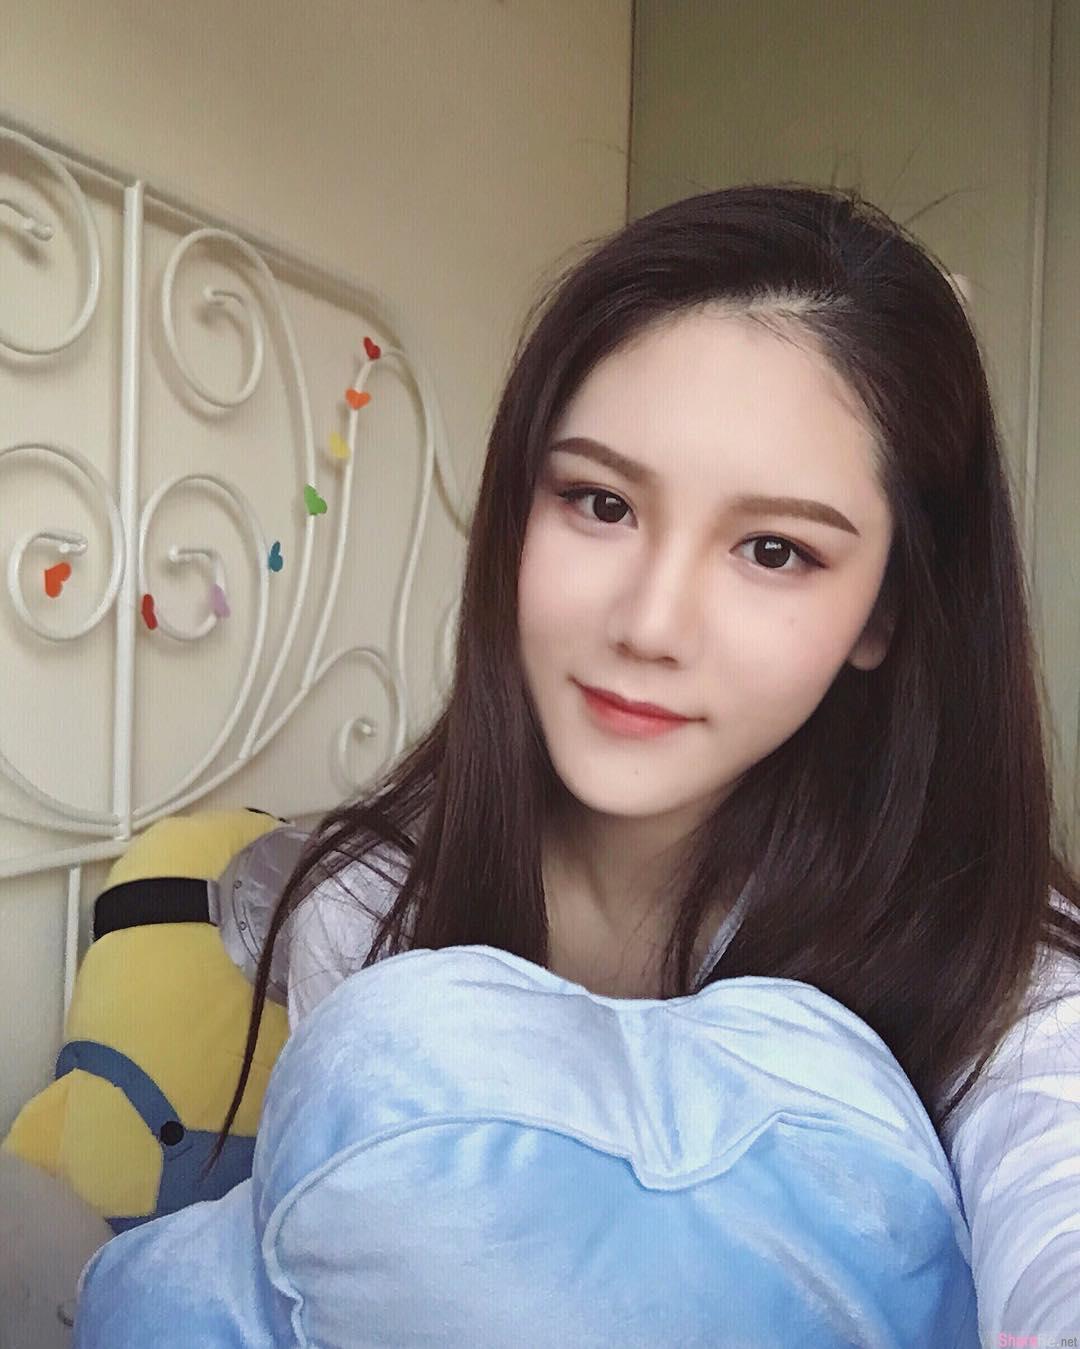 中国正妹 gina 精緻脸蛋,清纯的美